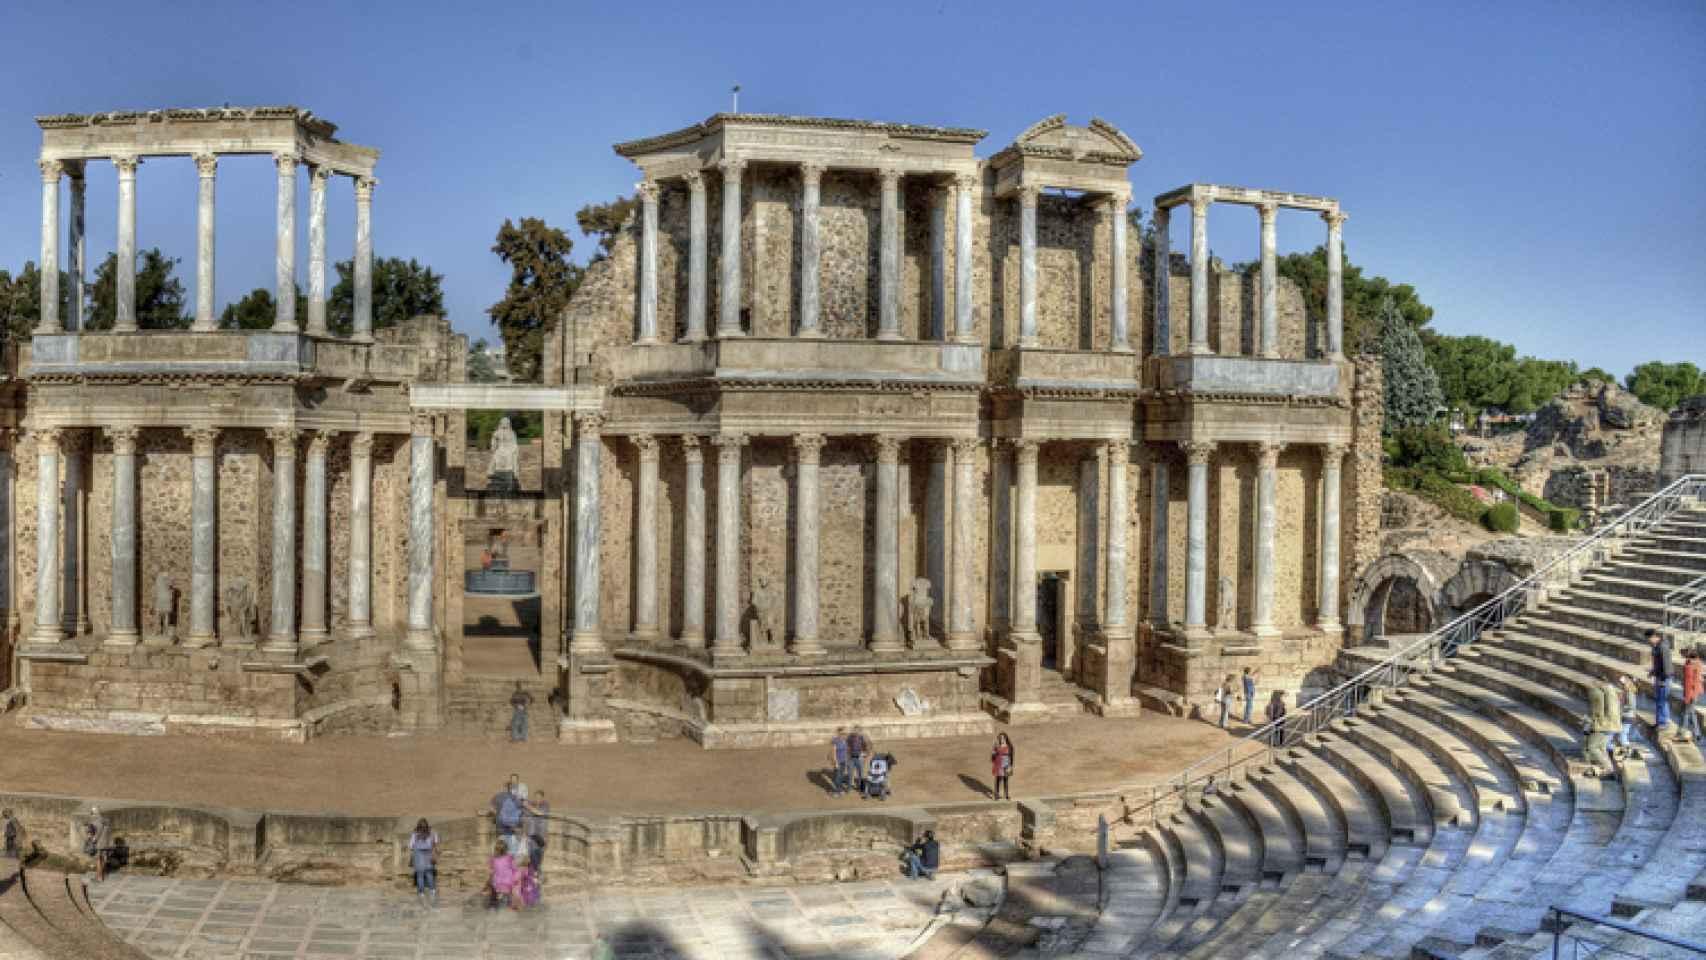 Teatro romano de Mérida/ ängel M. Felicísimo/ Flickr